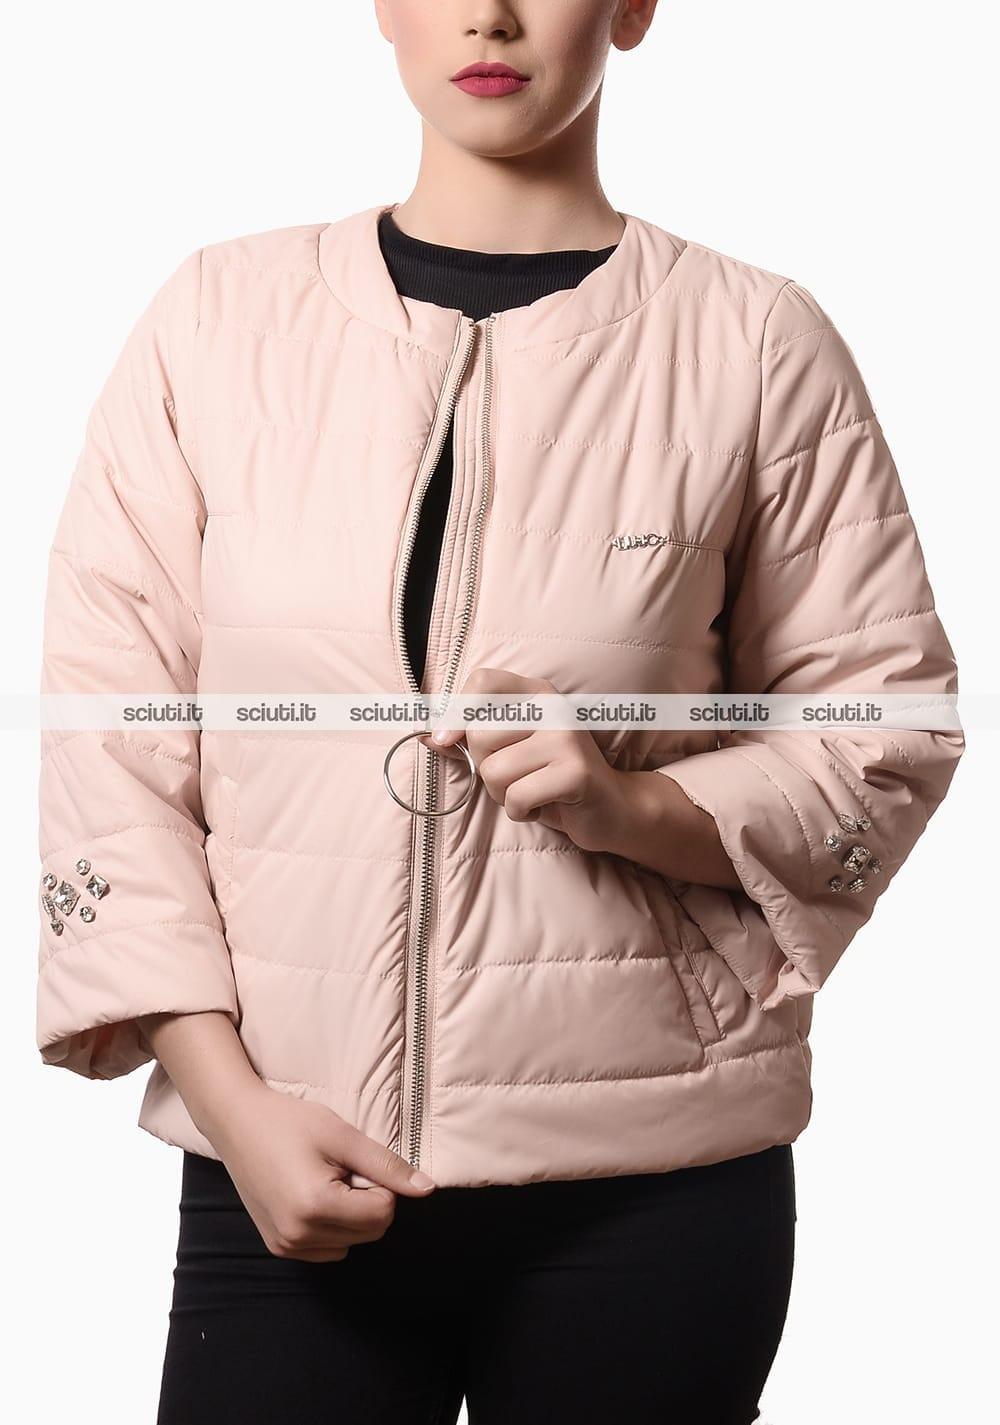 size 40 ad922 bb842 Piumino Liu Jo donna inserti gioiello rosa | Sciuti.it